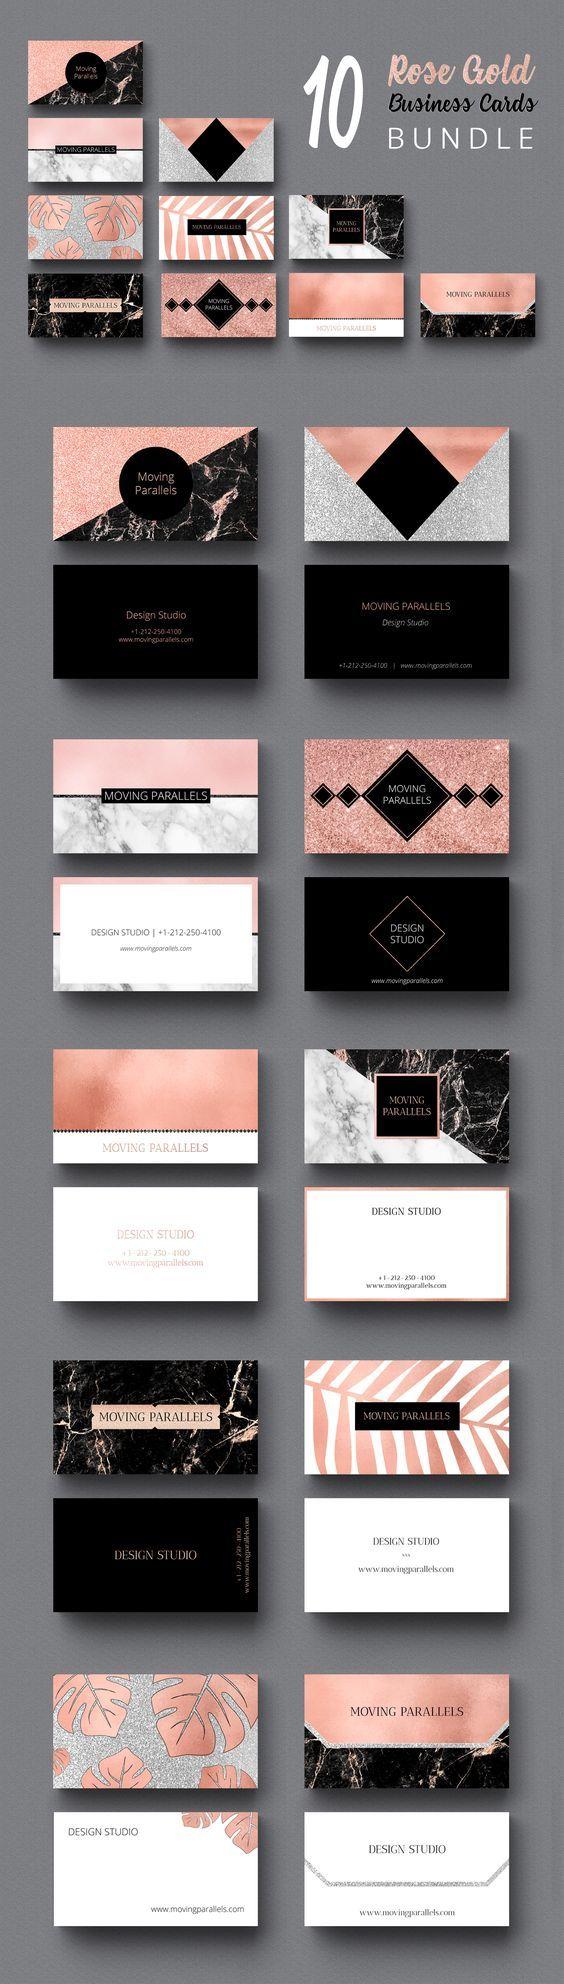 New In Portfolio Laura Sawyer Photography Brand Identity By